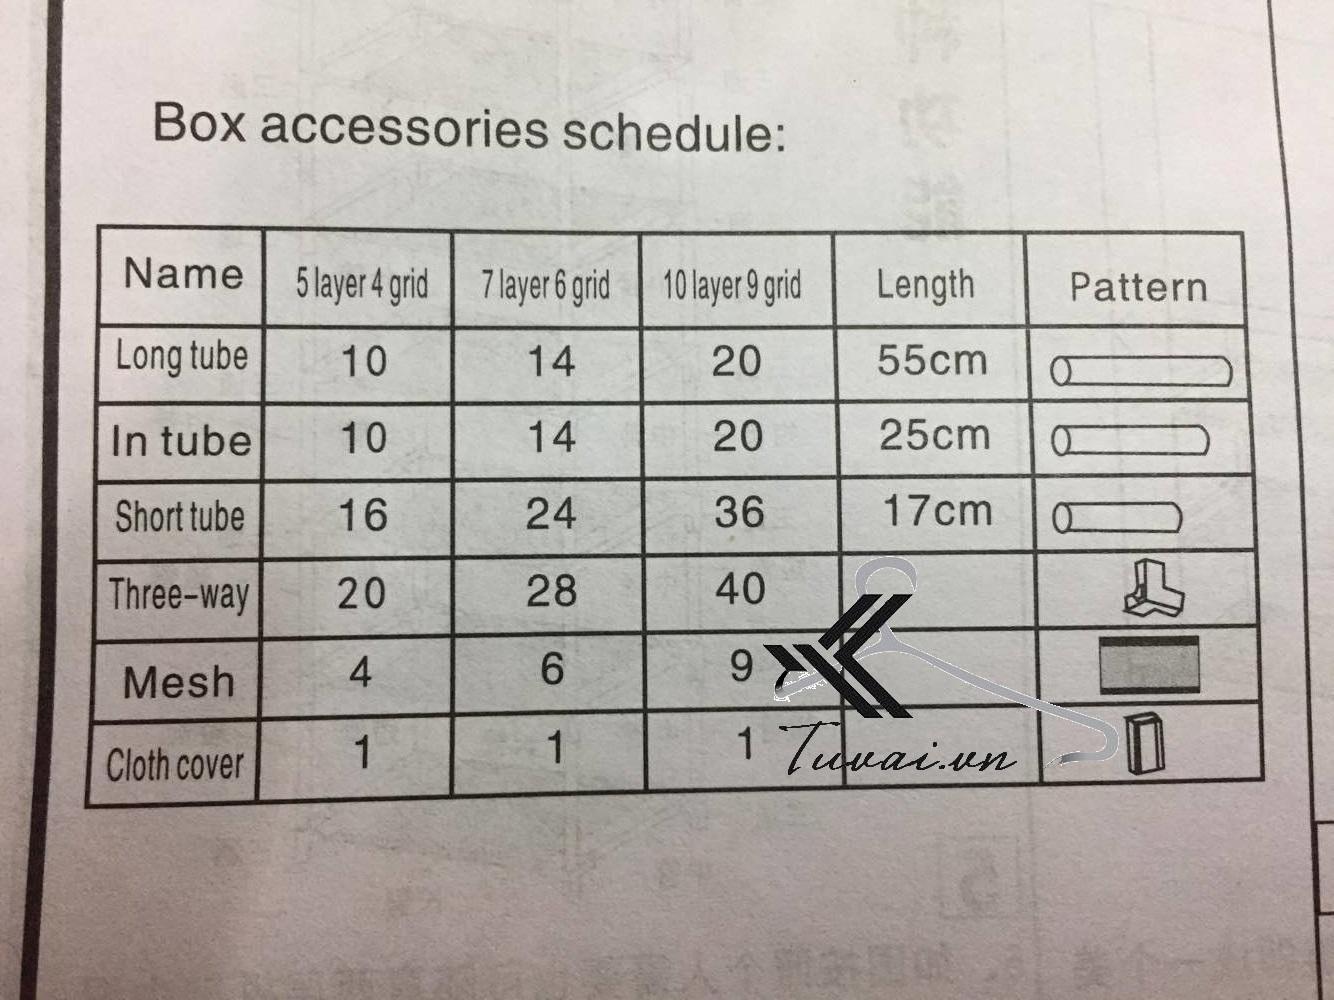 Số lượng phụ kiện từng loại trong hộp giày